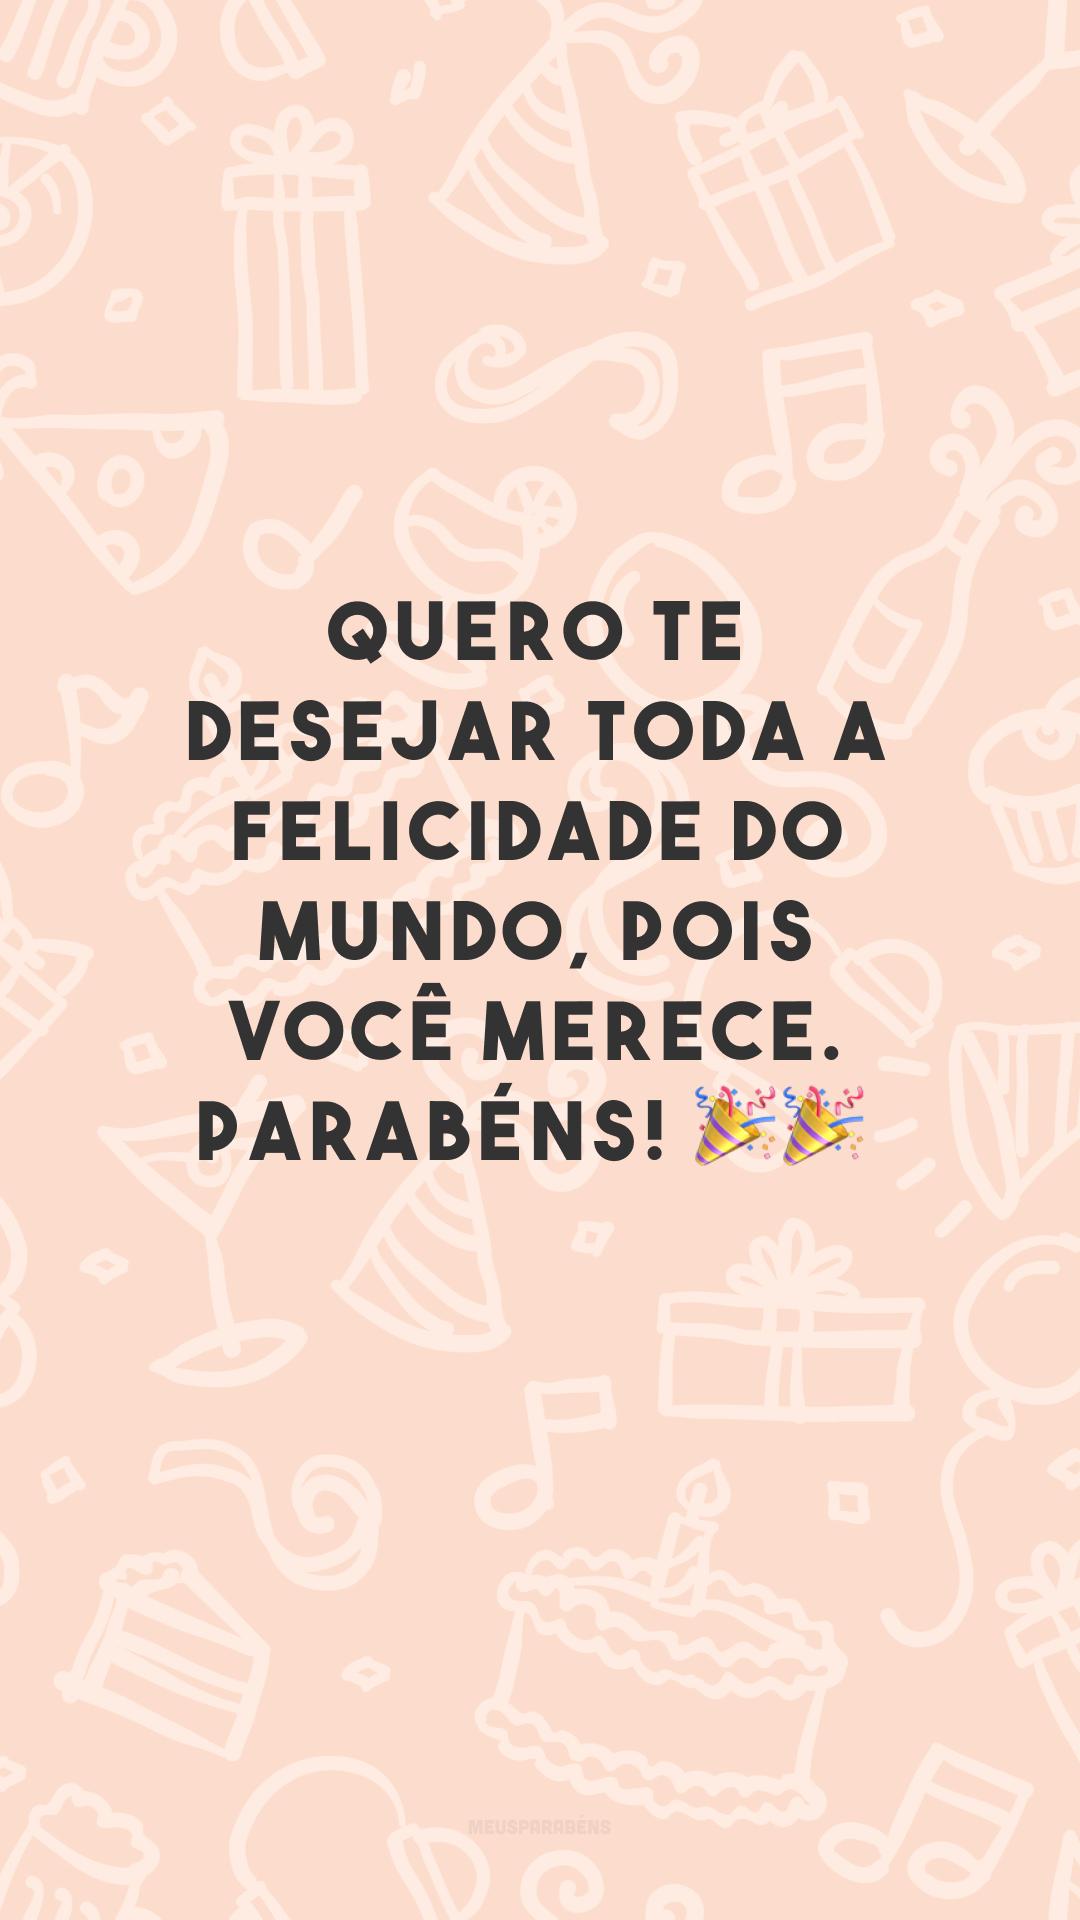 Quero te desejar toda a felicidade do mundo, pois você merece. Parabéns! 🎉🎉<br />